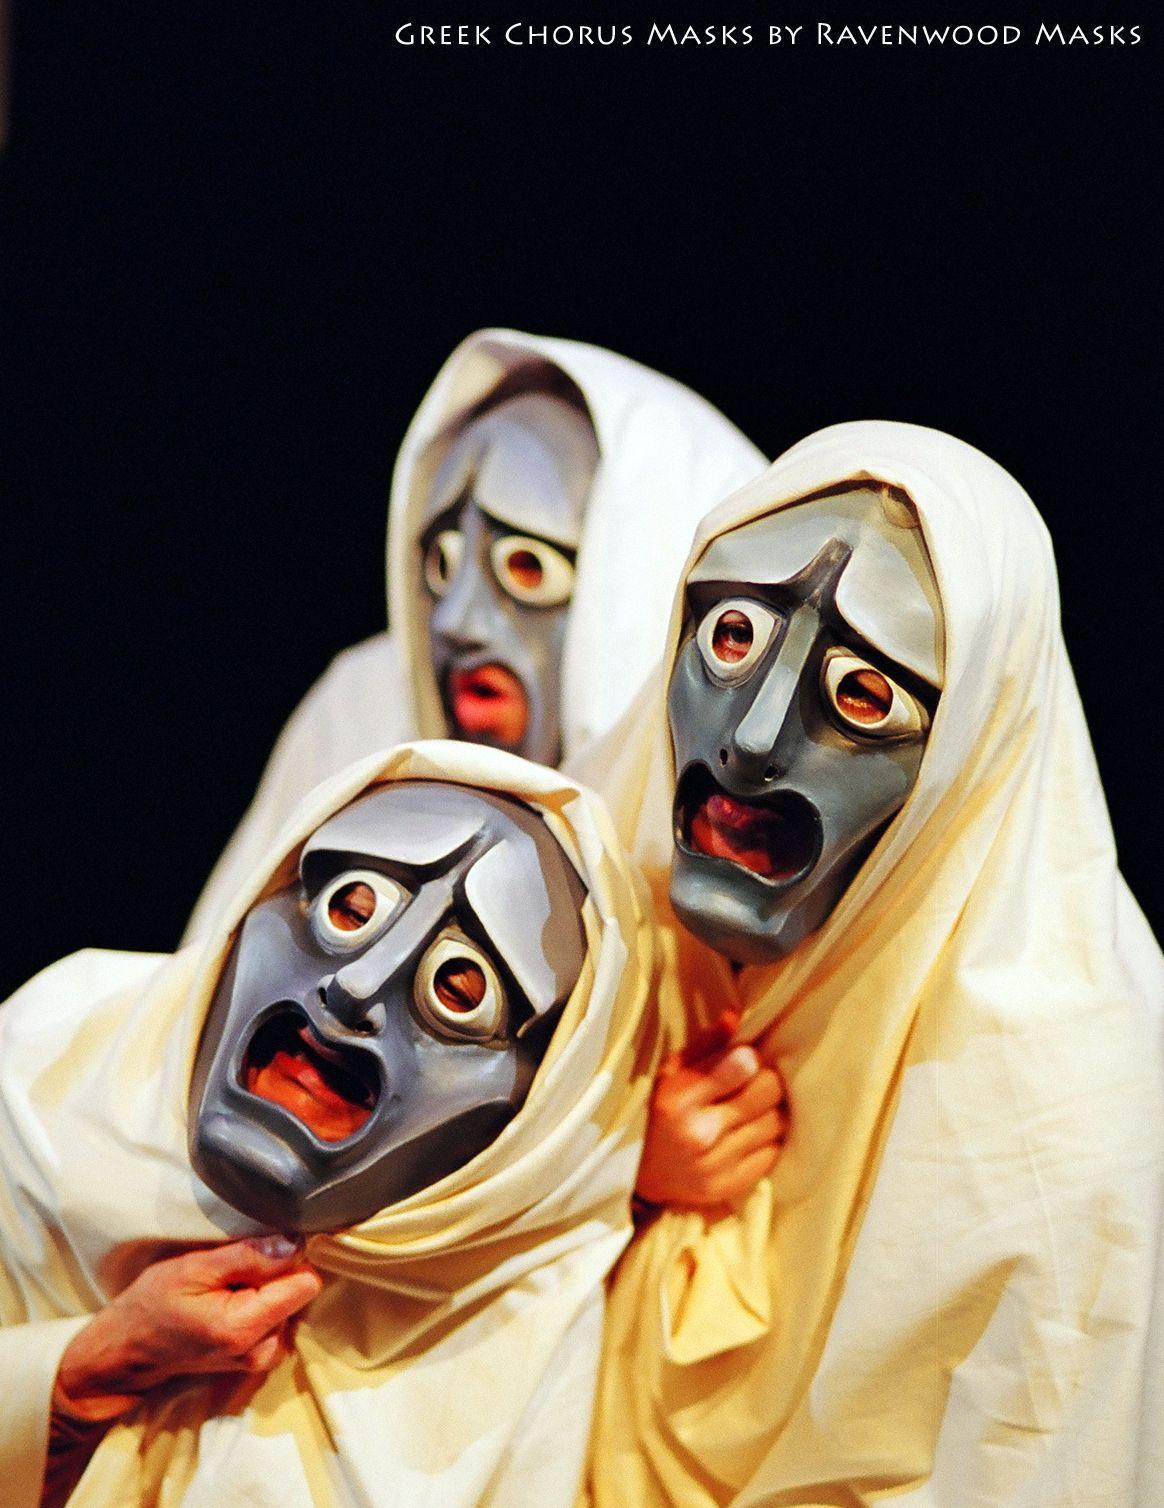 Greek theatre tragedy chorus masks by Alyssa Ravenwood  http://www.ravenwoodmasks.